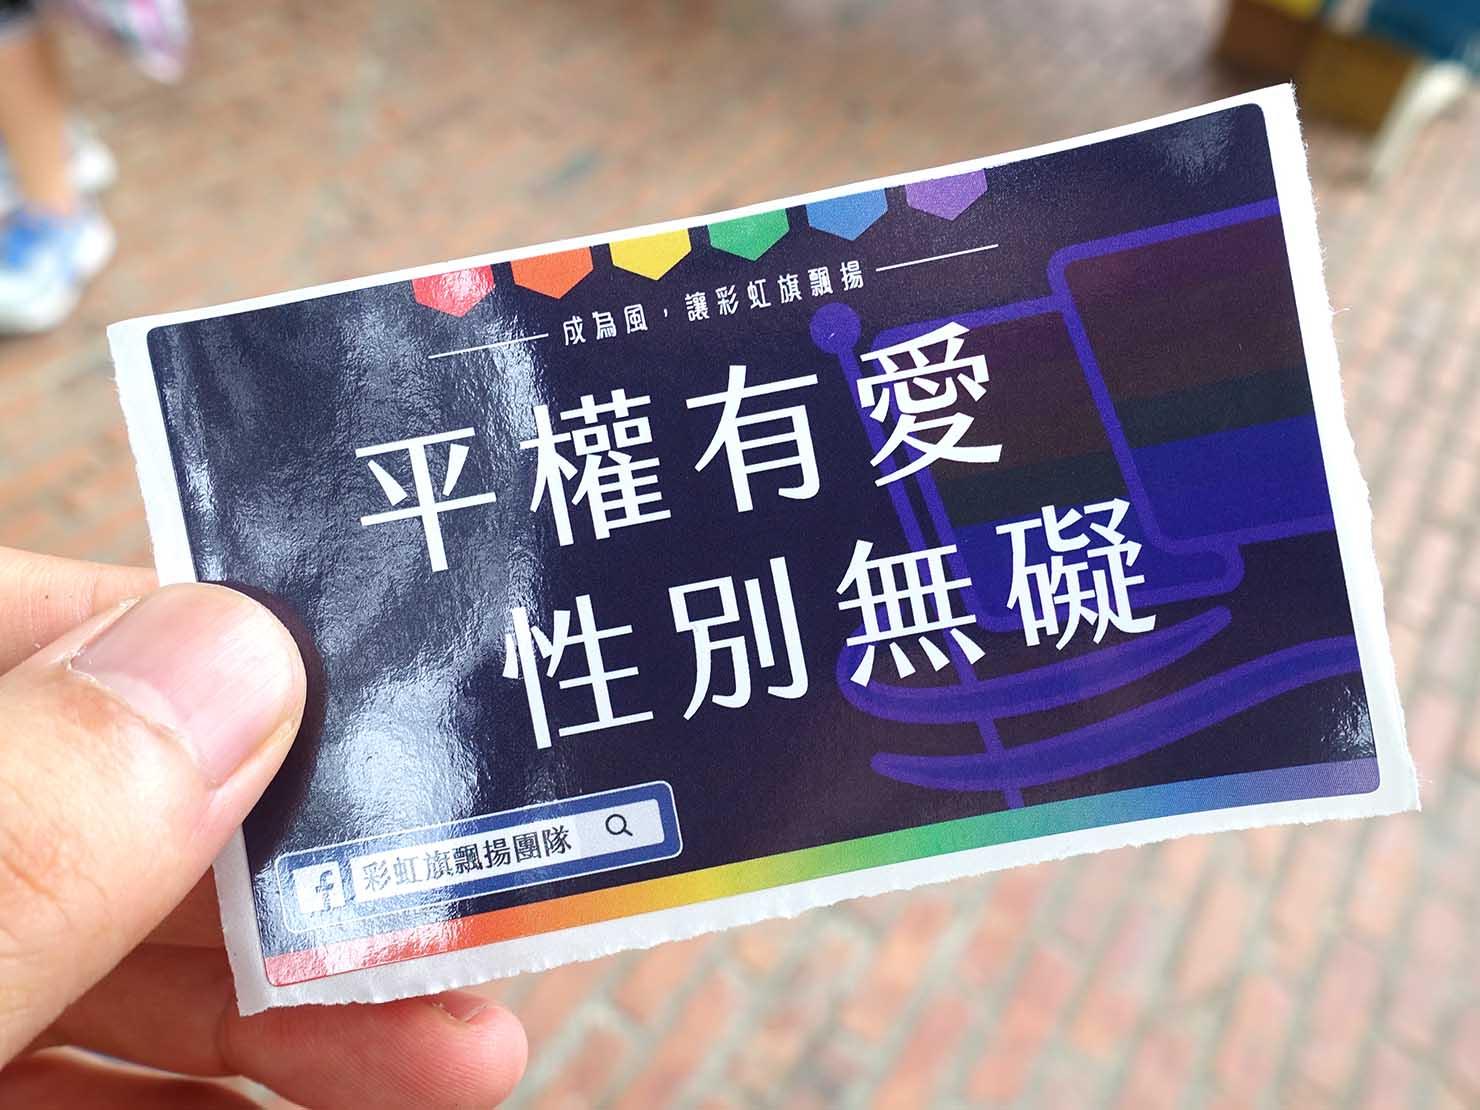 2018年台湾のLGBTプライド「宜蘭驕傲大遊行(宜蘭プライド)」の会場で配布されたシール